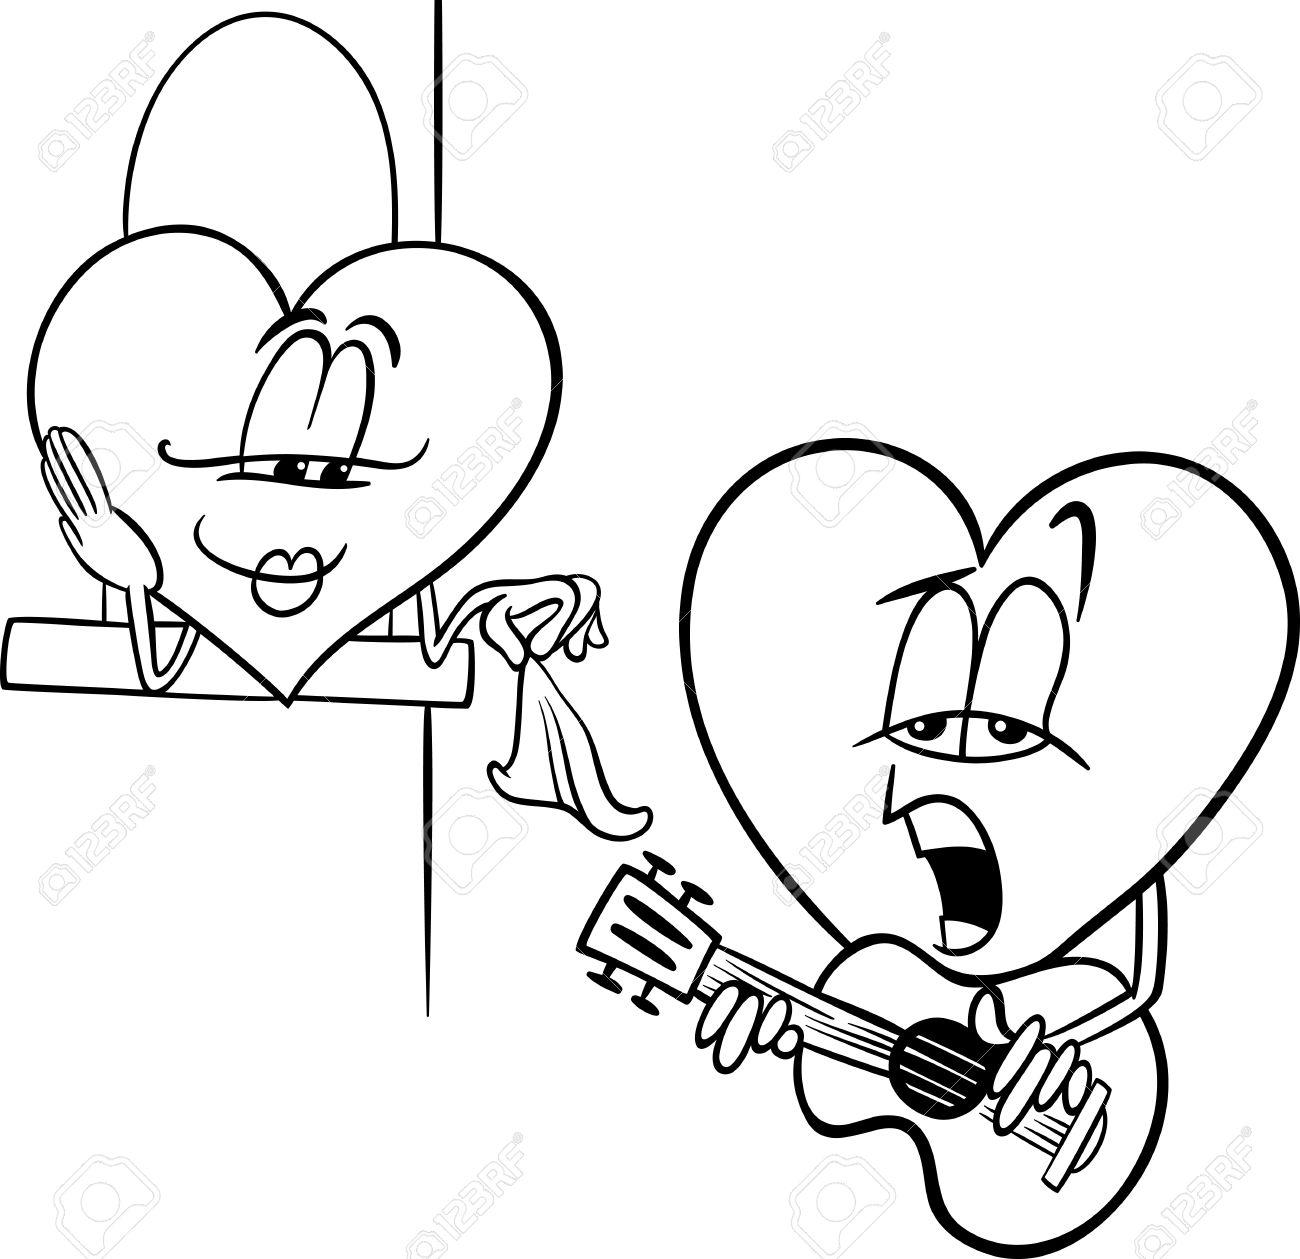 Blanco Y Negro De Dibujos Animados Ilustración De Corazón Trovador Carácter Cantando Canción De Amor En El Día De San Valentín Para Colorear Libro